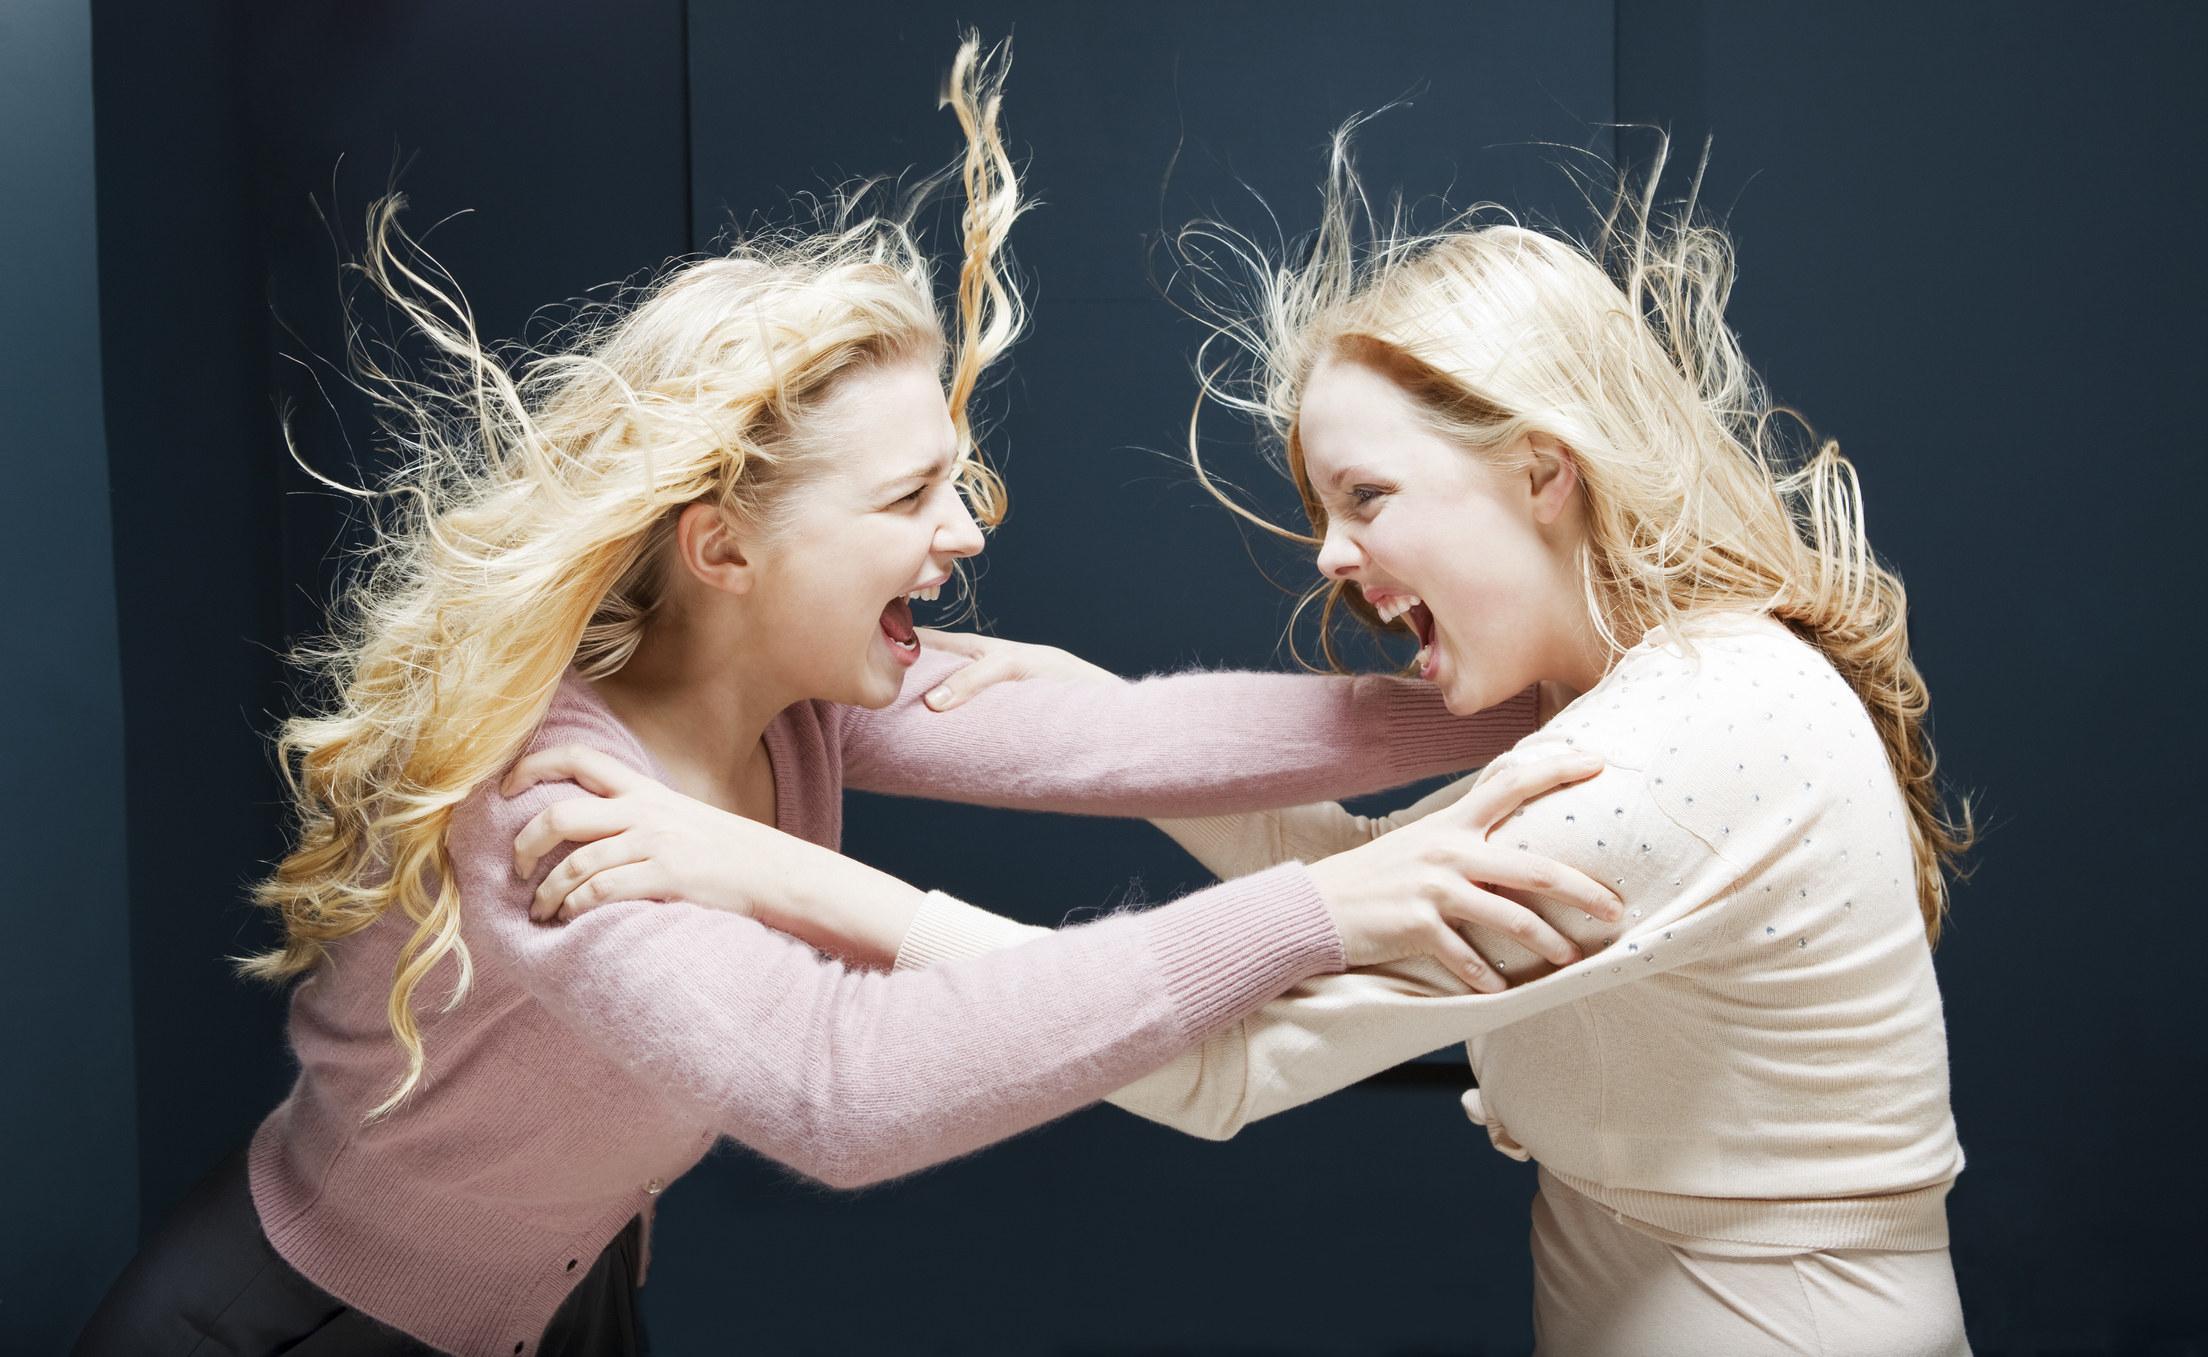 """两个女人用胳膊互相抓着喊叫';她的肩膀,在战斗""""class="""